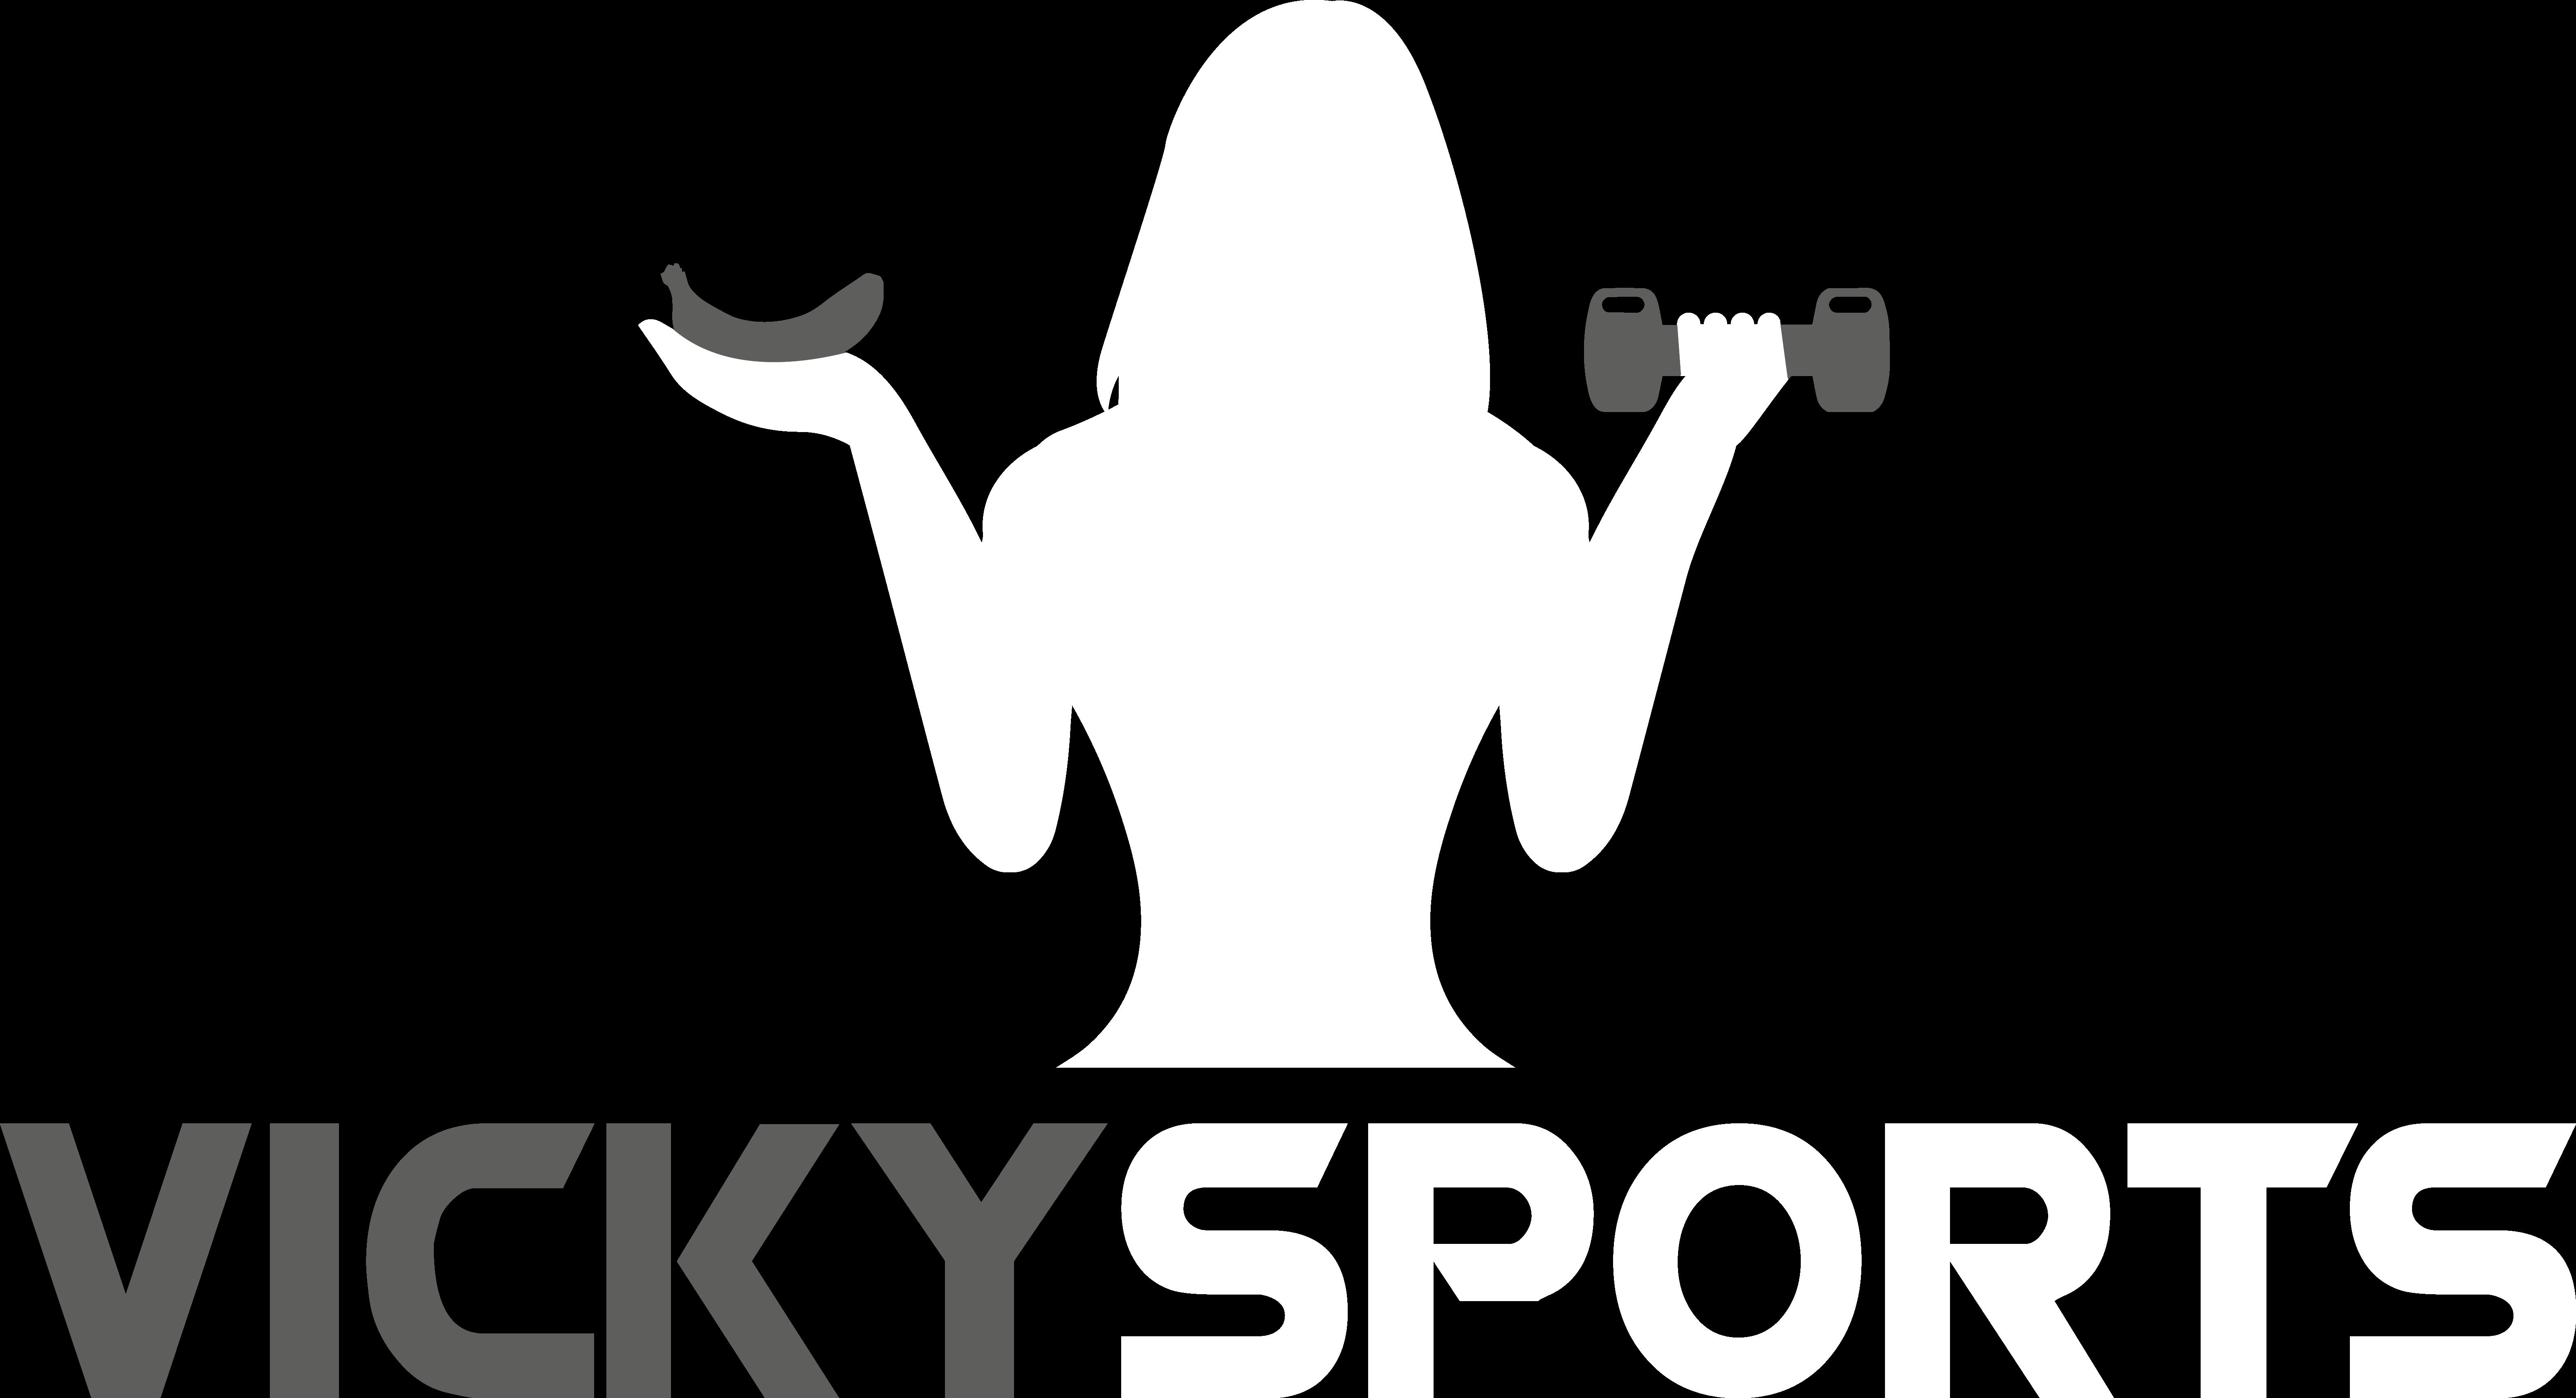 Vickysports